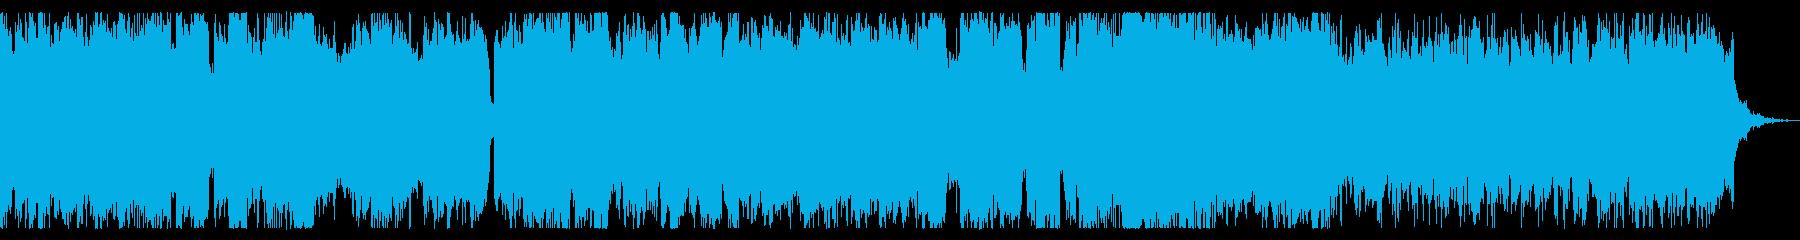 レトロゲーム音楽風 勇壮なチップチューンの再生済みの波形